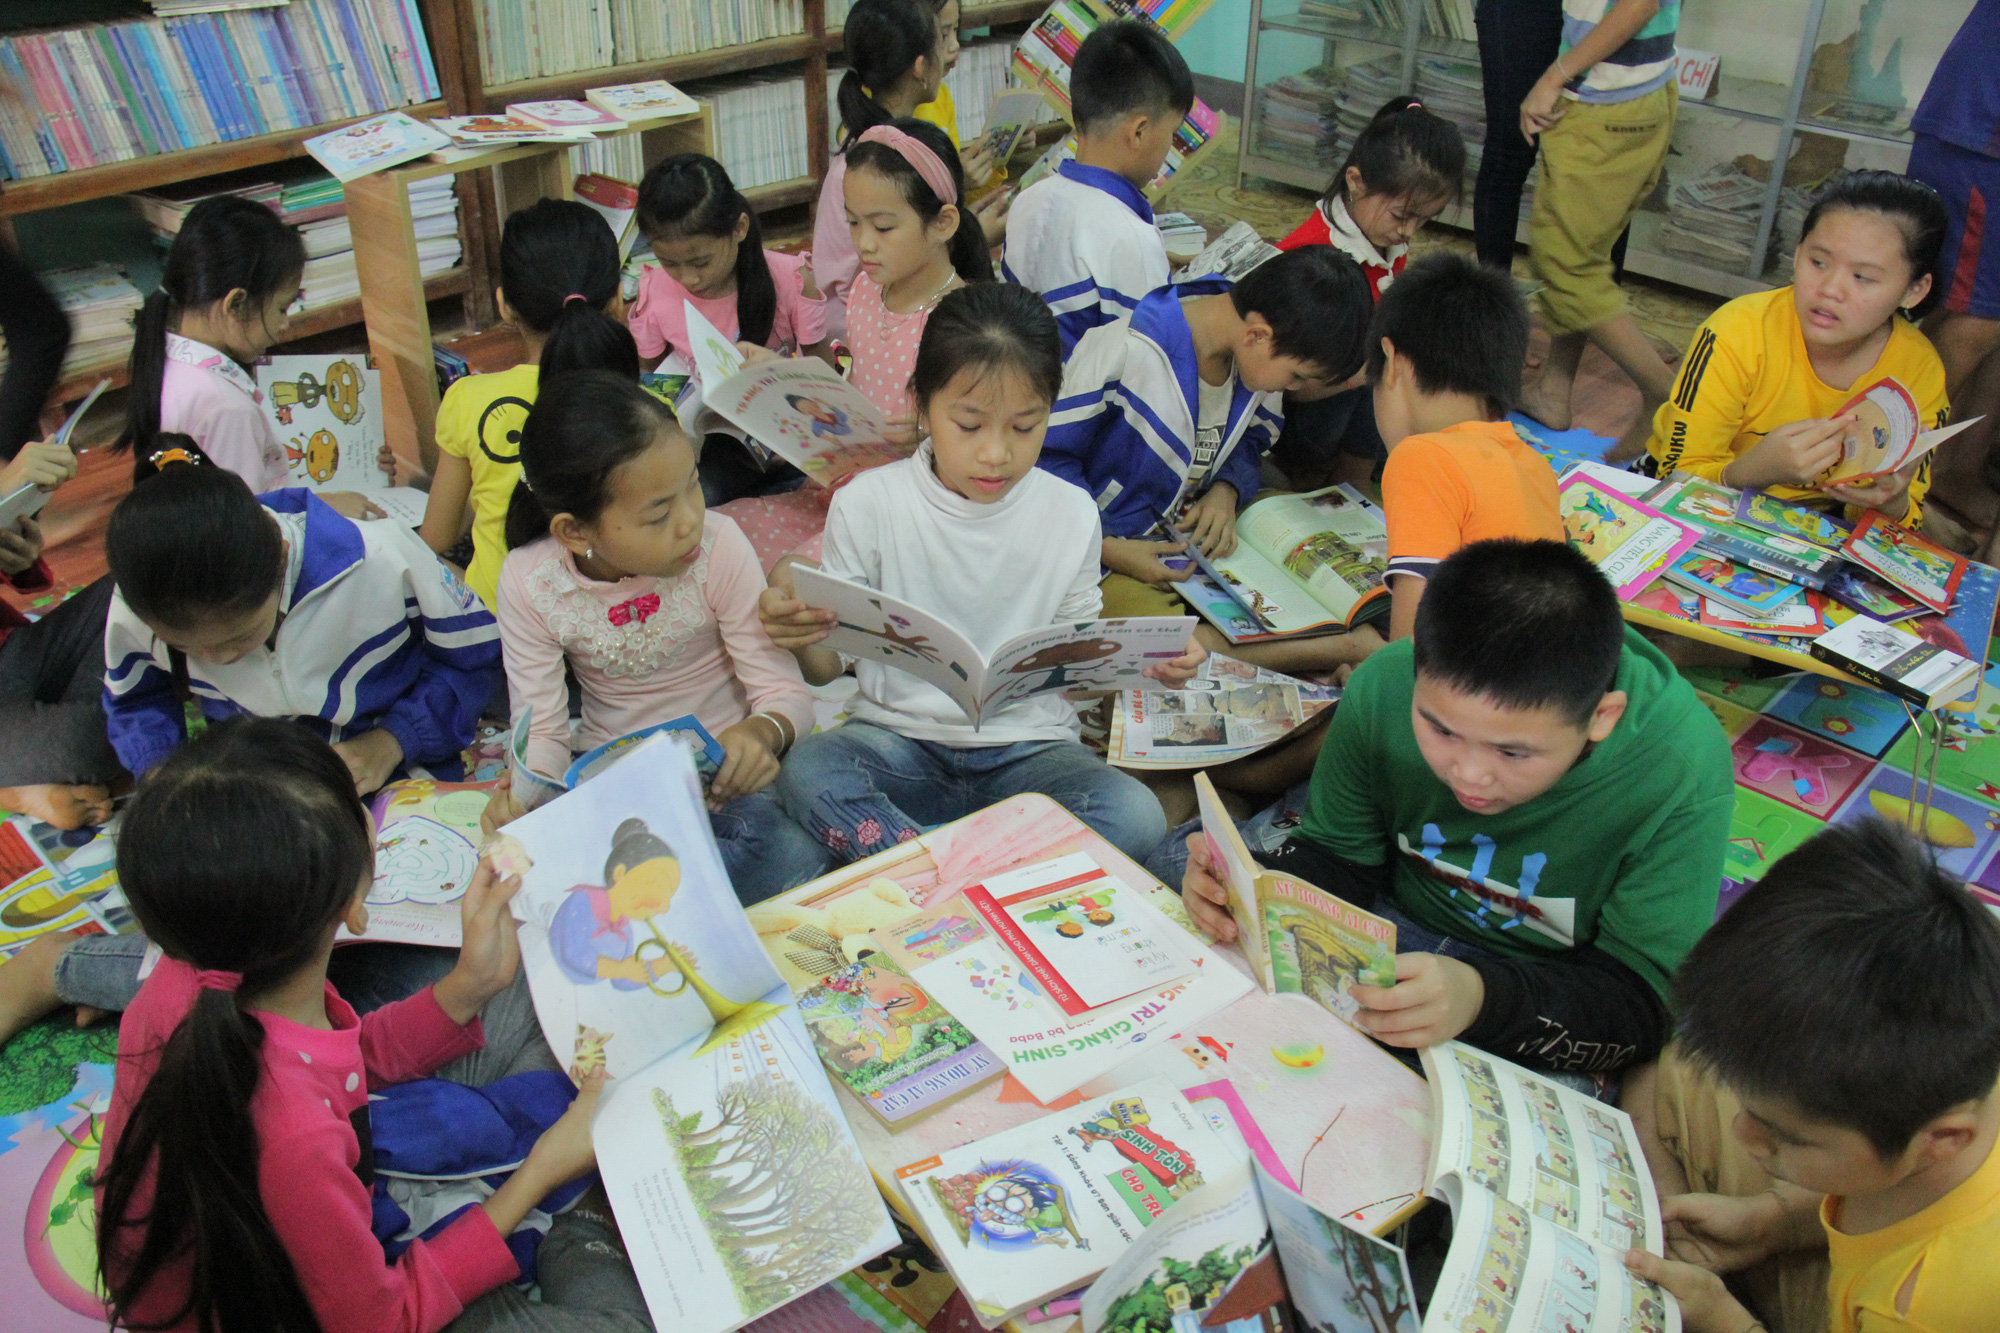 Trao tặng hơn 4.000 đầu sách cho các thư viện, trường học tỉnh Hòa Bình - Ảnh 9.